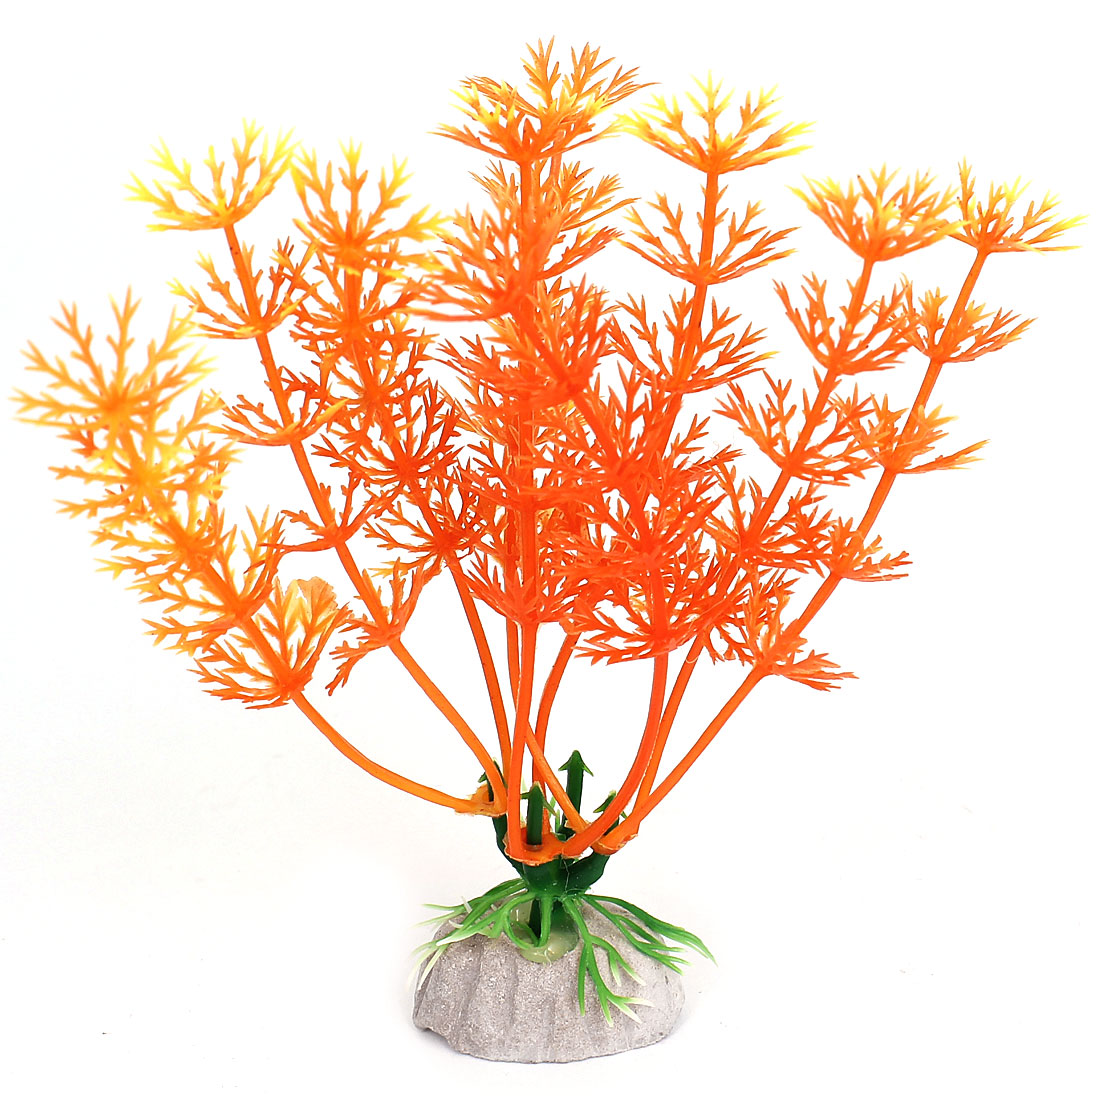 Emulational Plastic Aquarium Underwater Plant Fish Tank Decoration Orange